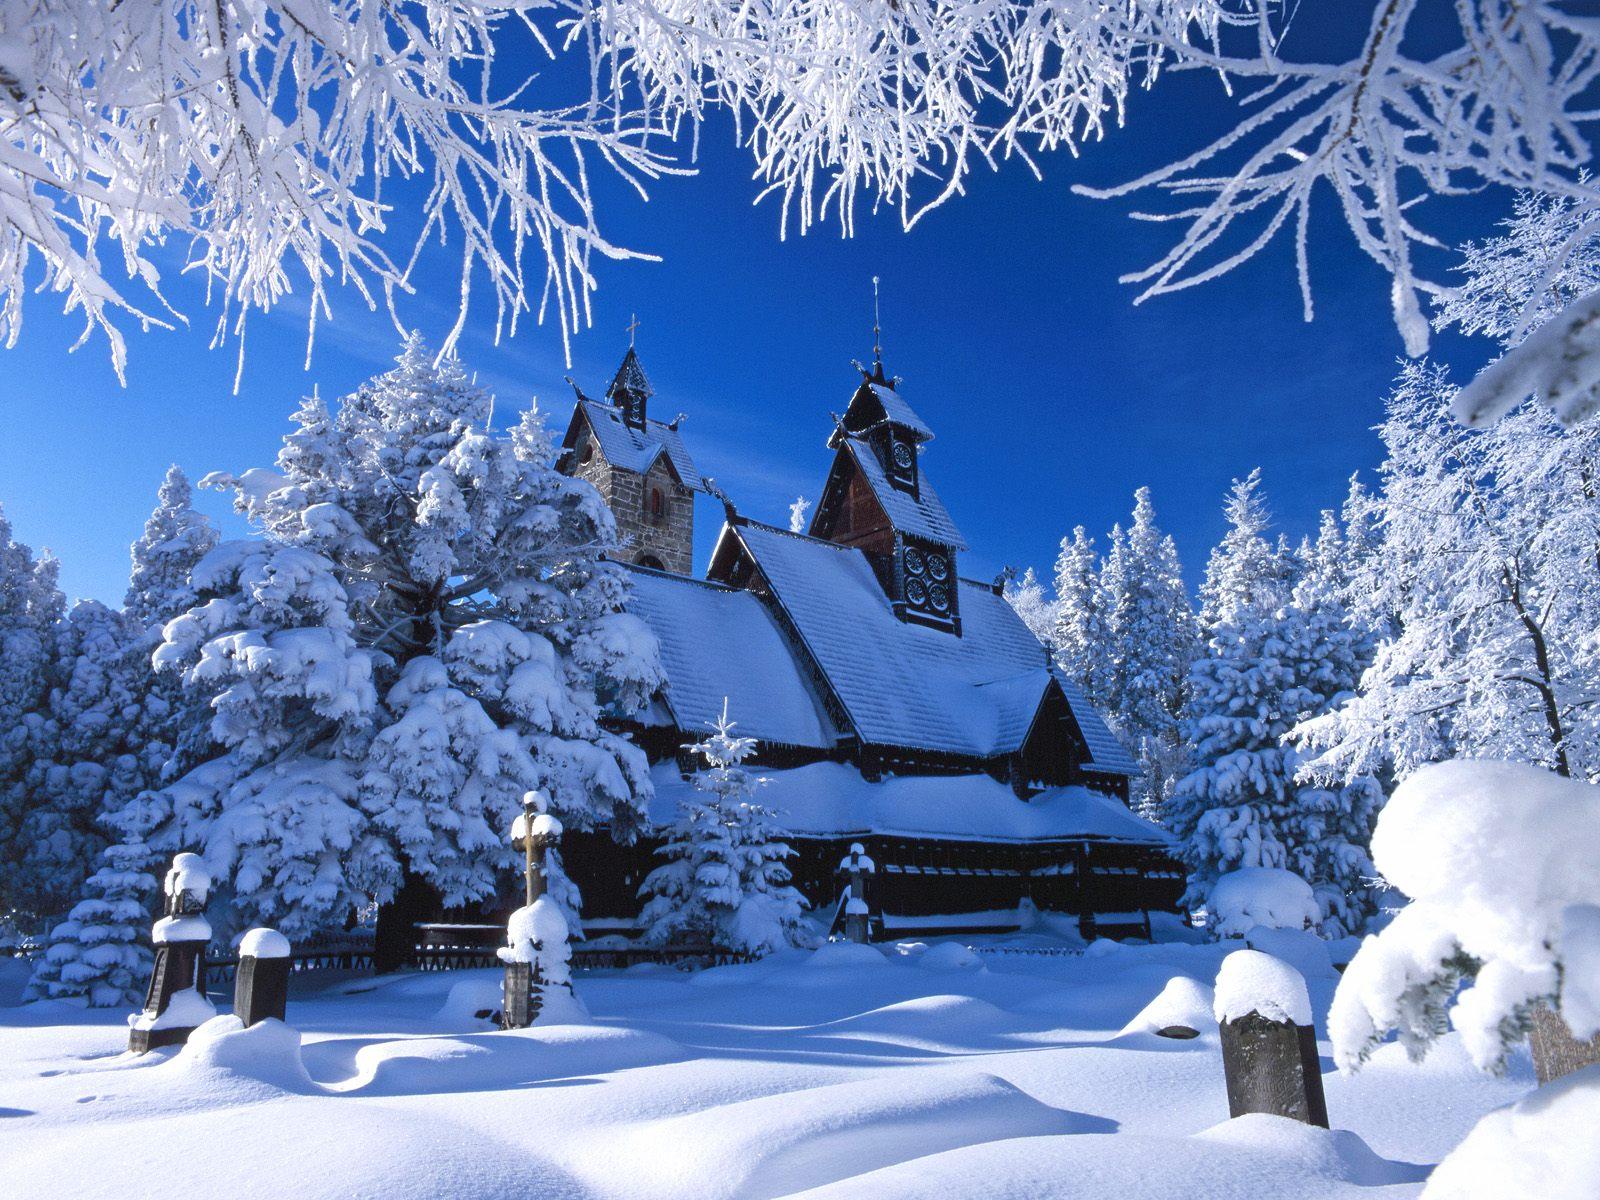 http://4.bp.blogspot.com/_RAlP3BmEW1Q/TQNuWCKZ1gI/AAAAAAAABfQ/_KkE8t0Xa_M/s1600/Winter-achtergronden-winter-wallpapers-winter-landschappen-32.jpg